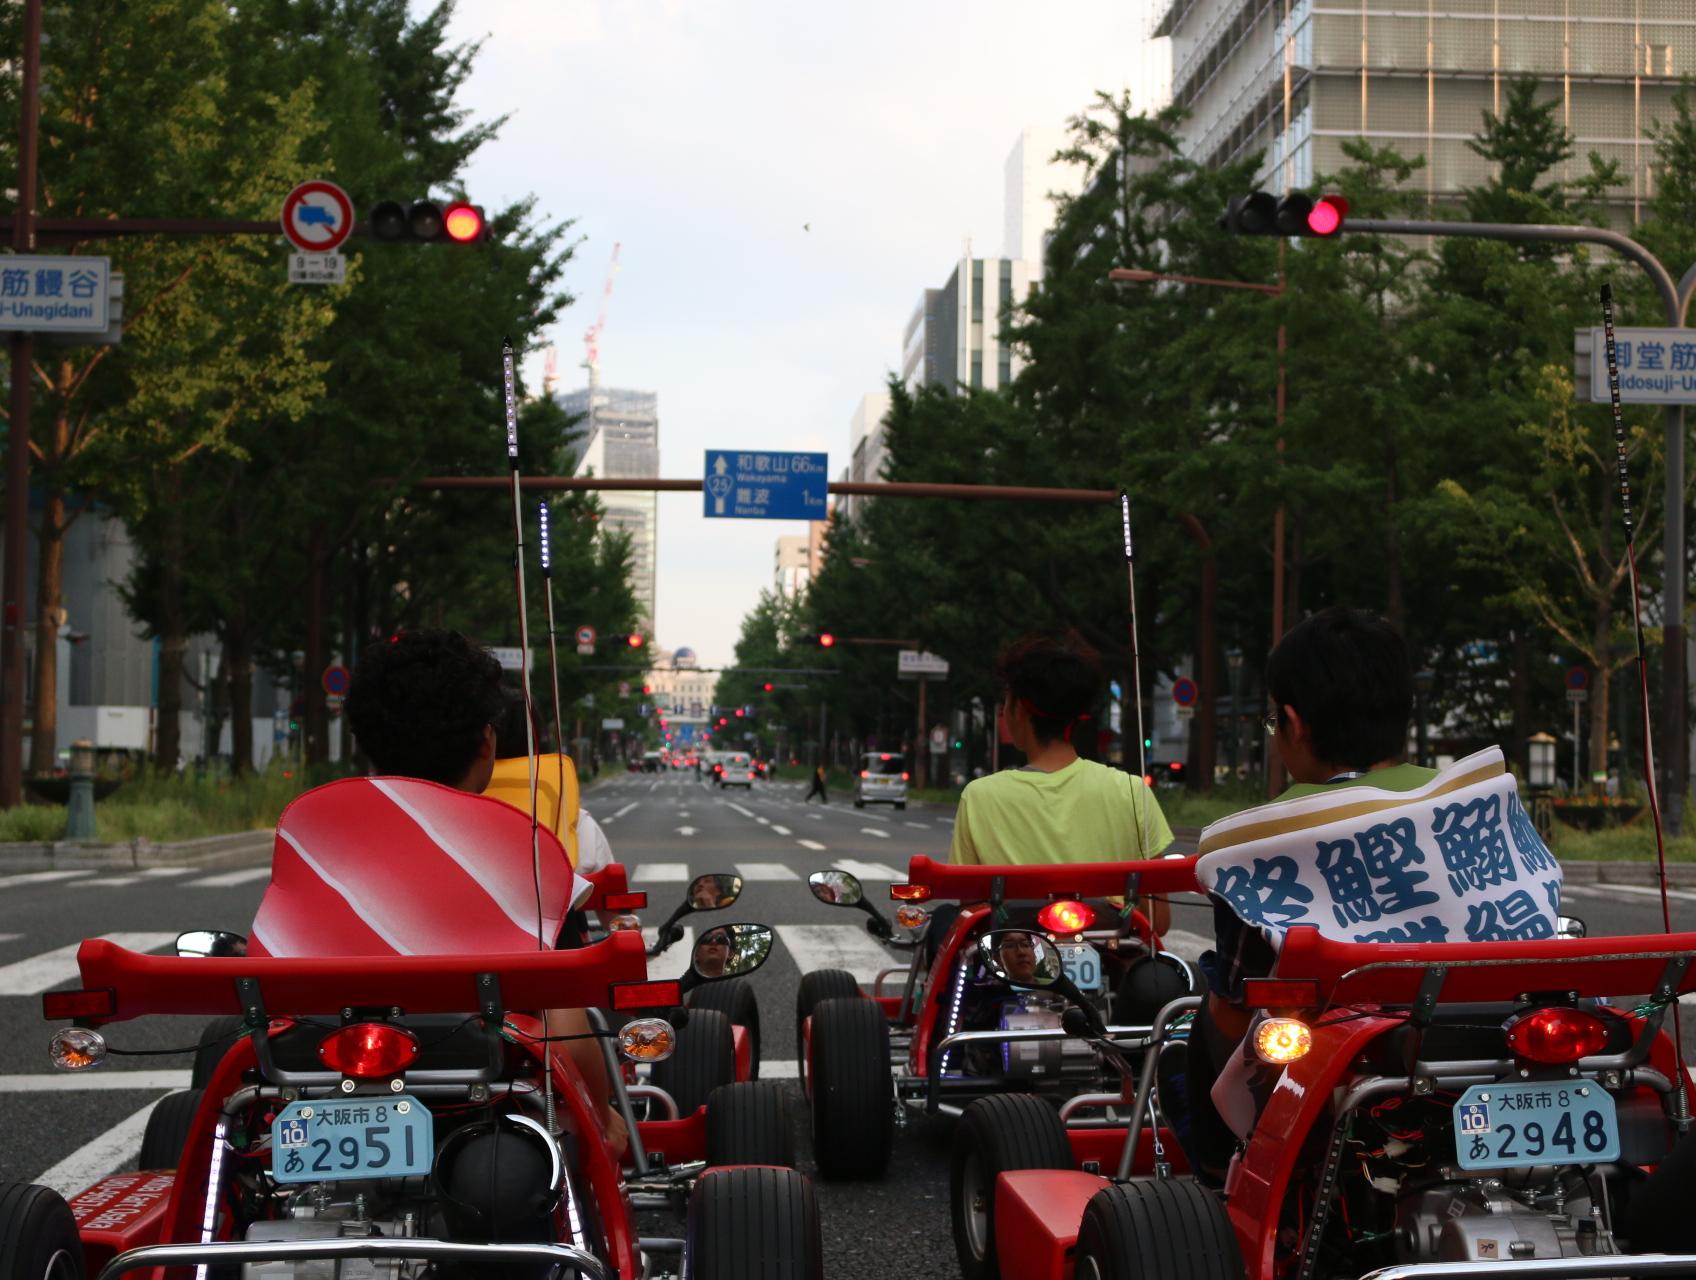 大人のためのカートで公道@大阪を走る〜アキバカートを初体験〜